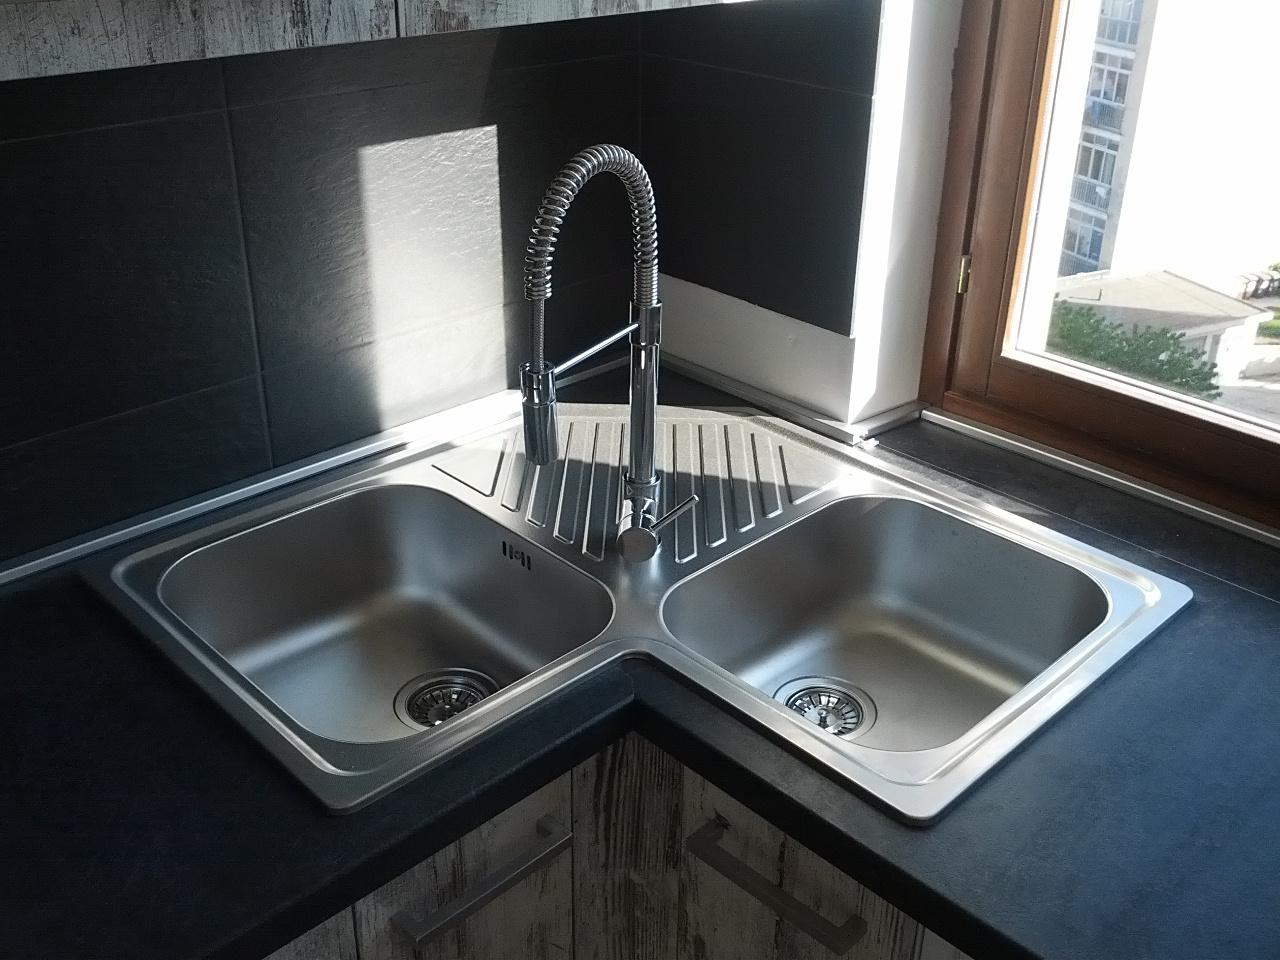 Cucina angolo anticata cucine a prezzi scontati - Lavello cucina angolare ...